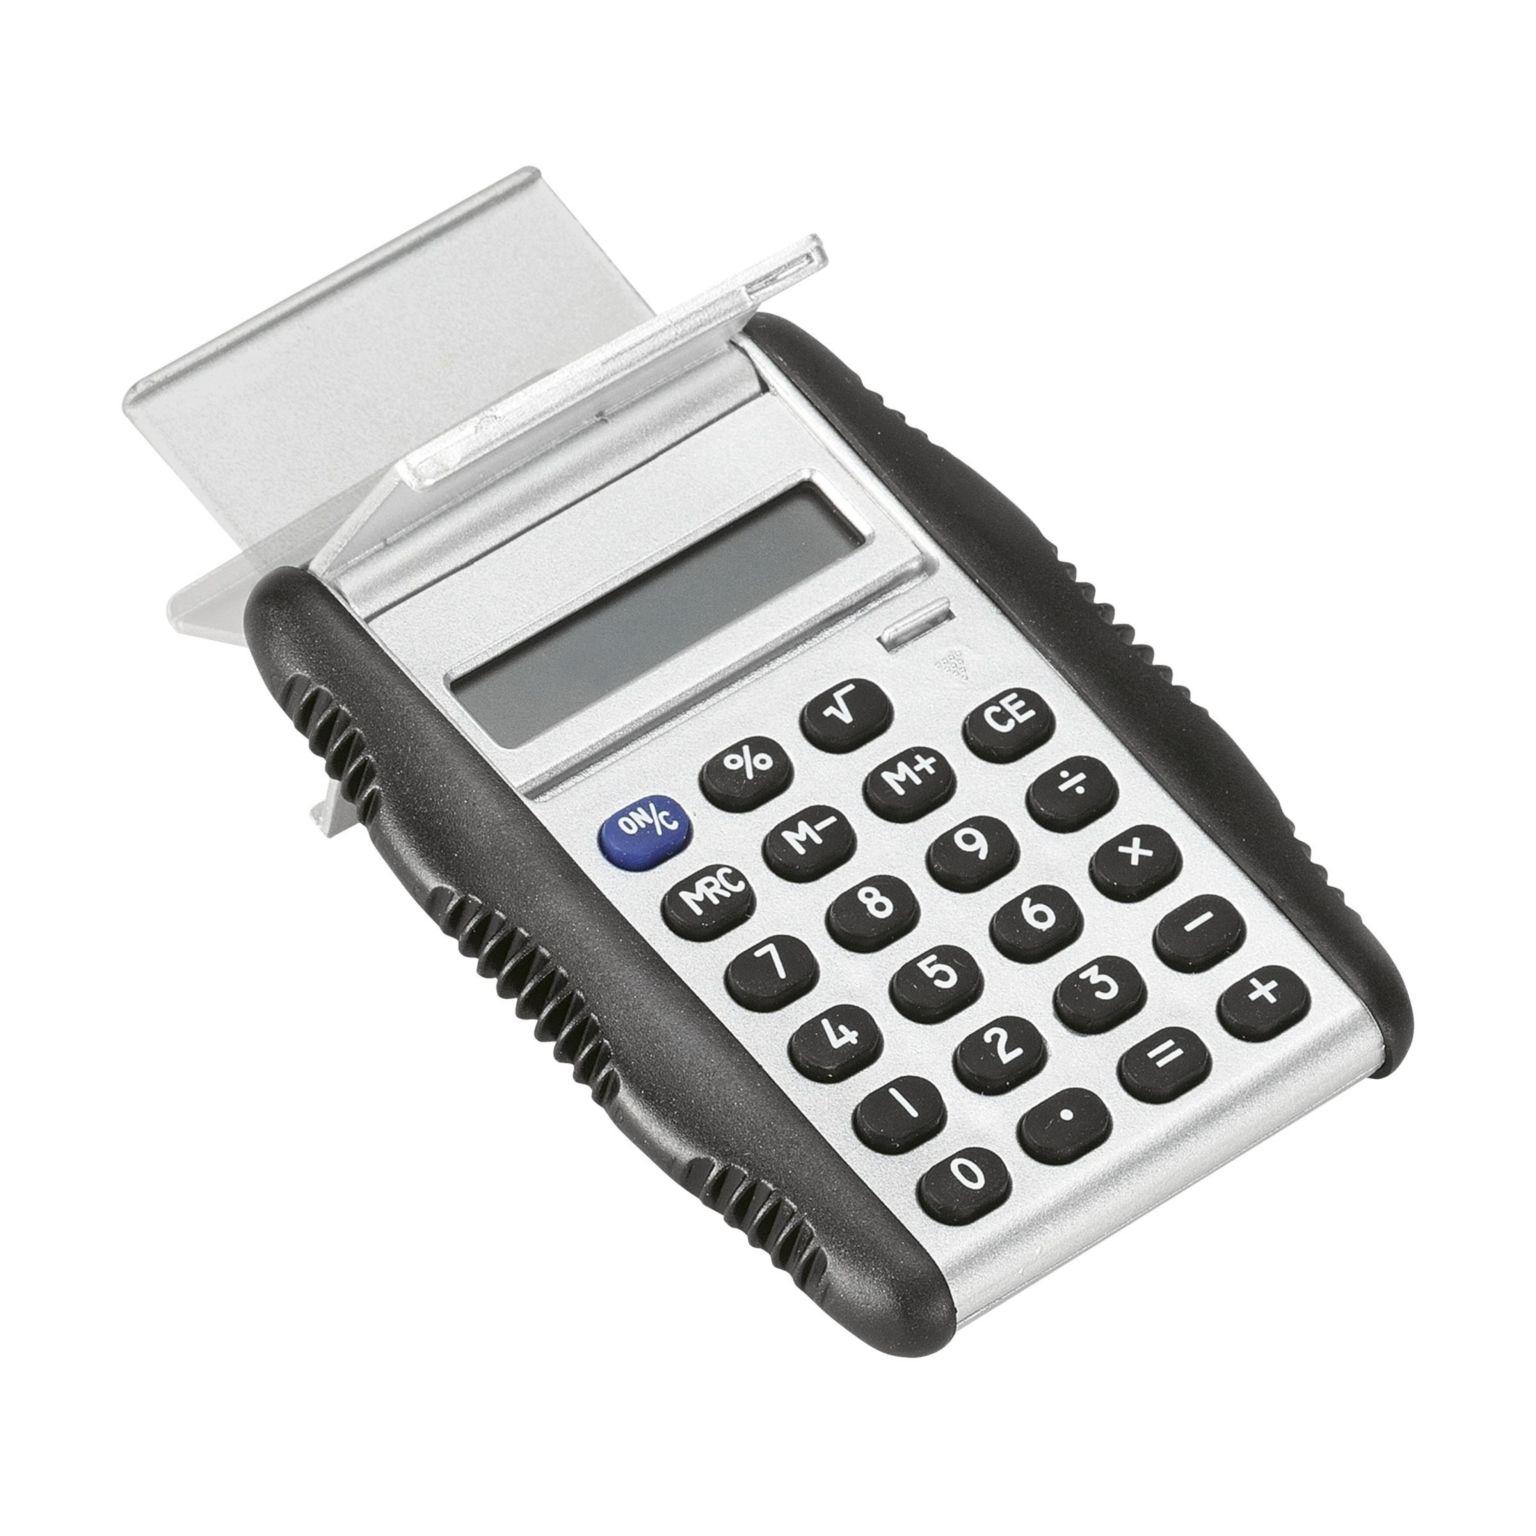 Snaplock calculatrice  AZAP  Objets publicitaires personnalisé par Azap articles promotionnels Cadeau d'affaire